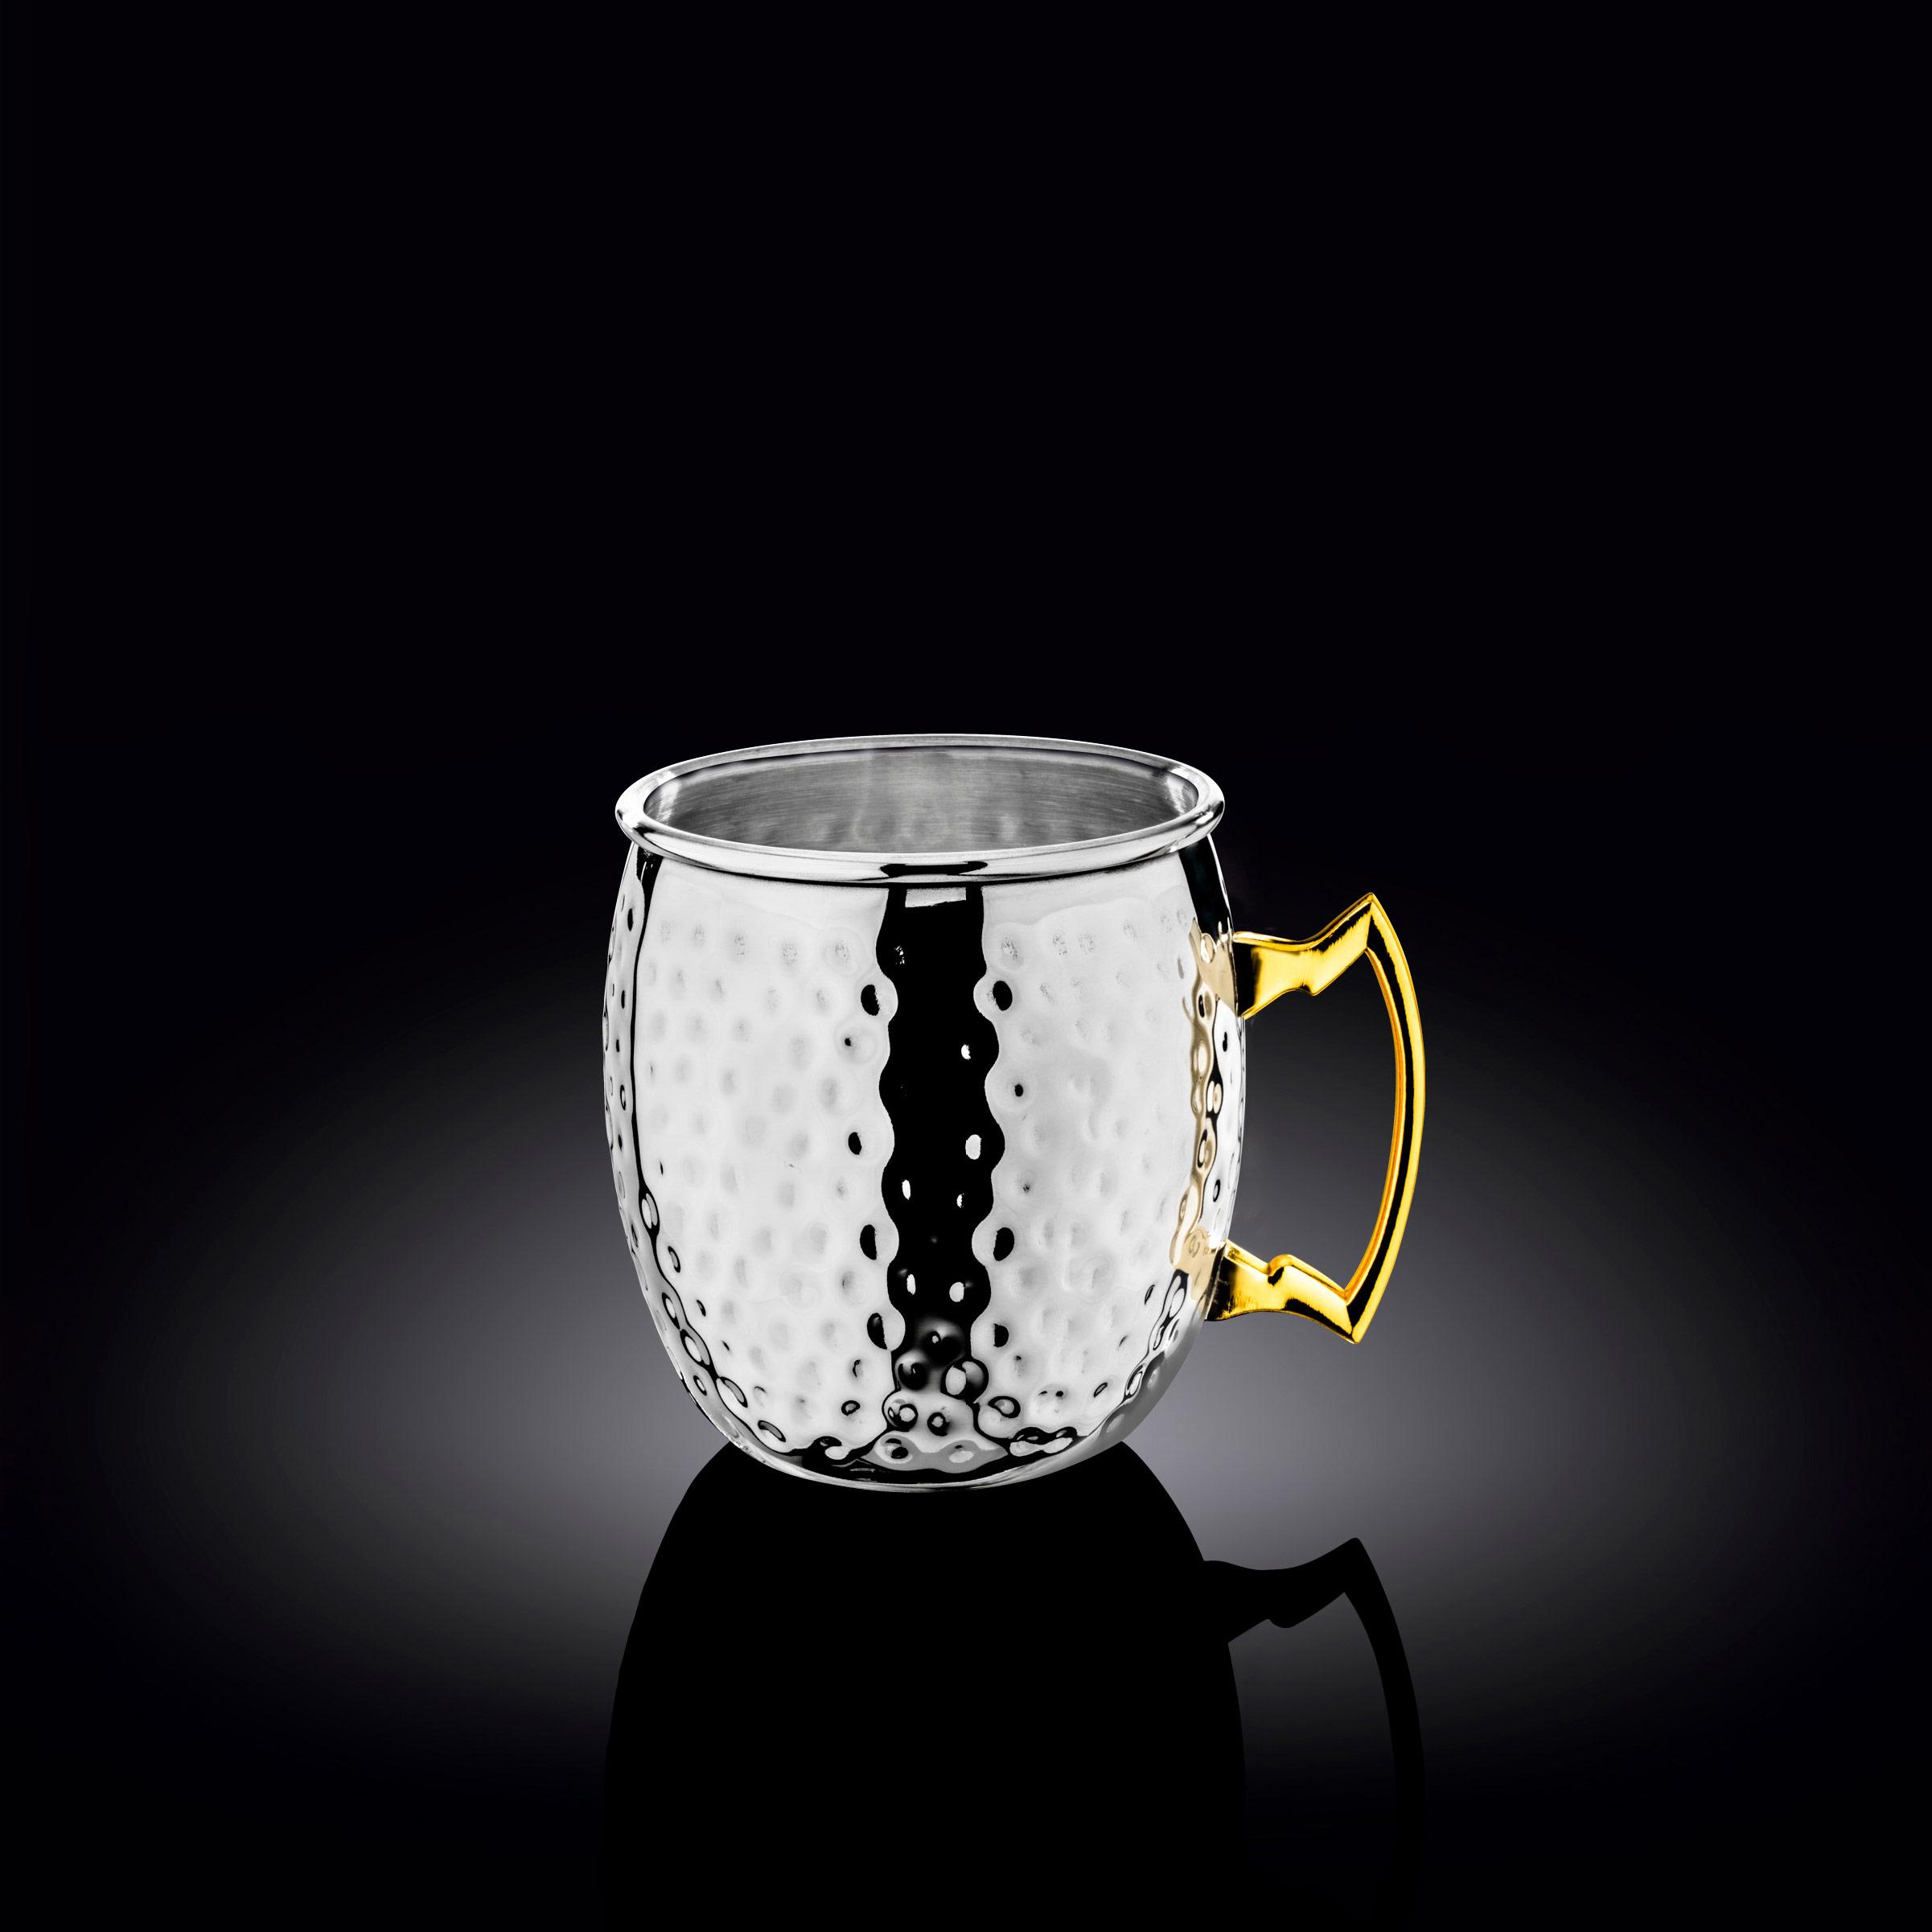 マグカップ(シルバーカラー) 32207 (WL-552207/A)